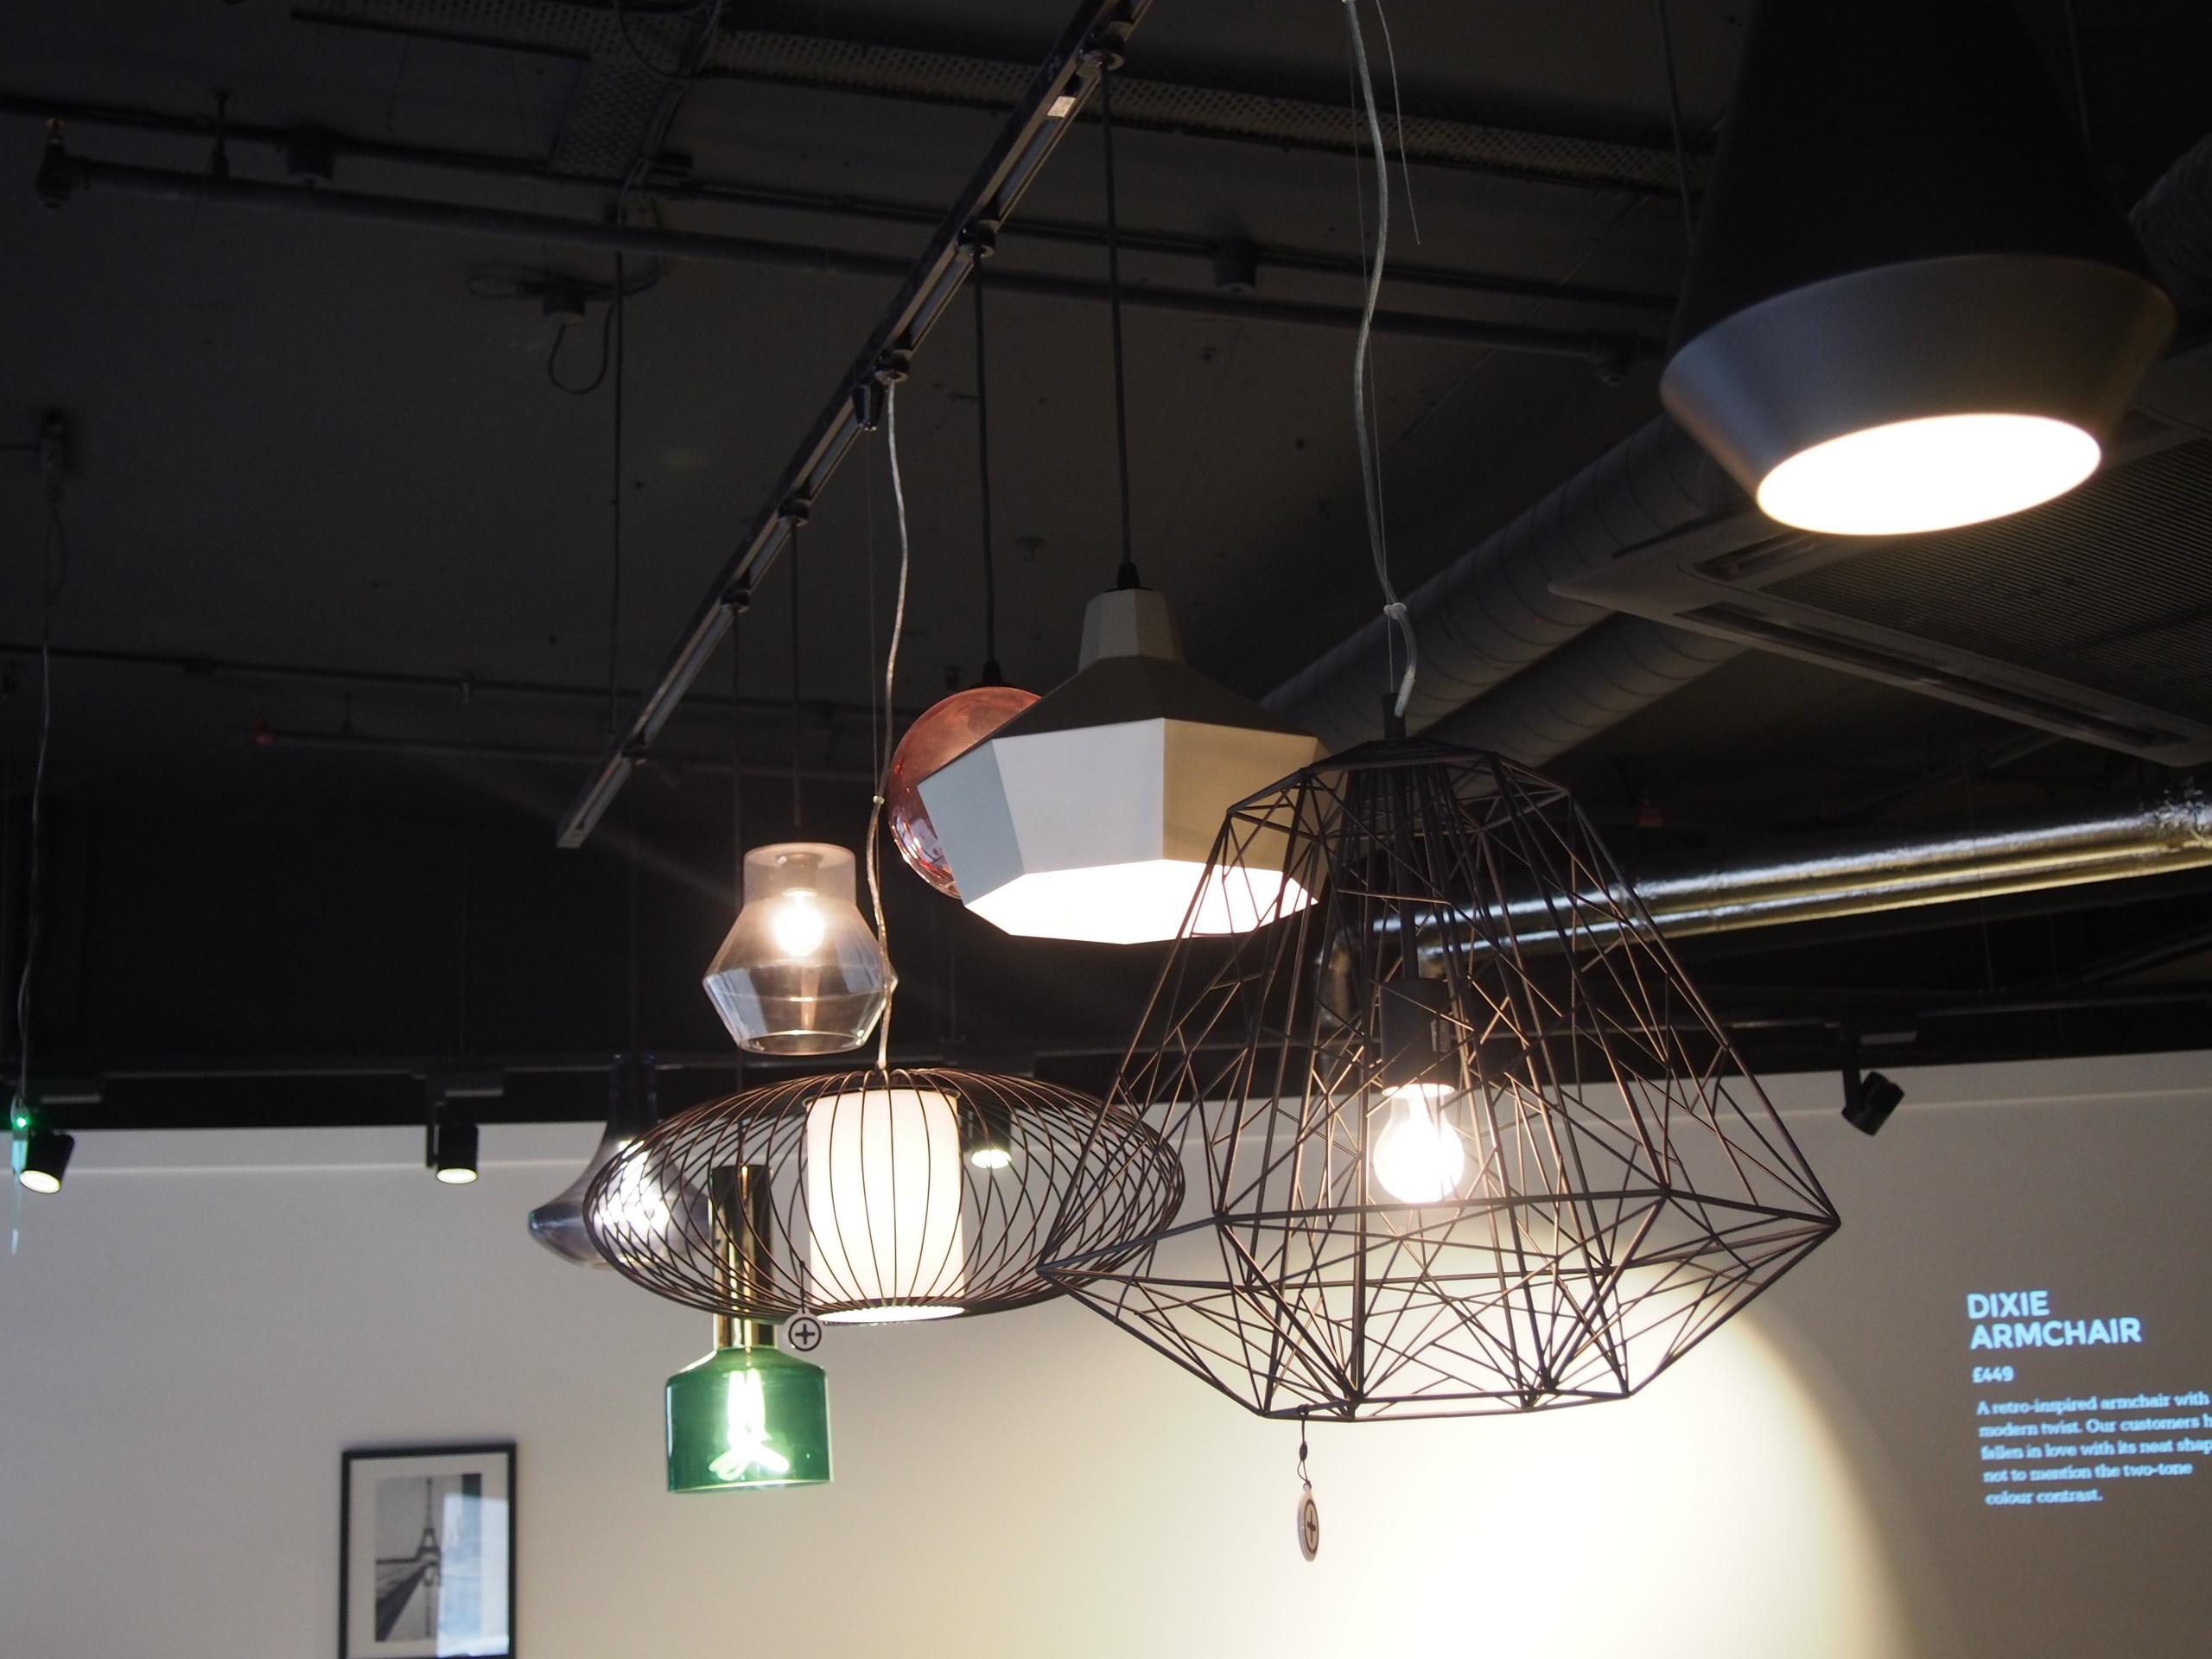 Lampen Draht Kupfer Made.com - Journelles